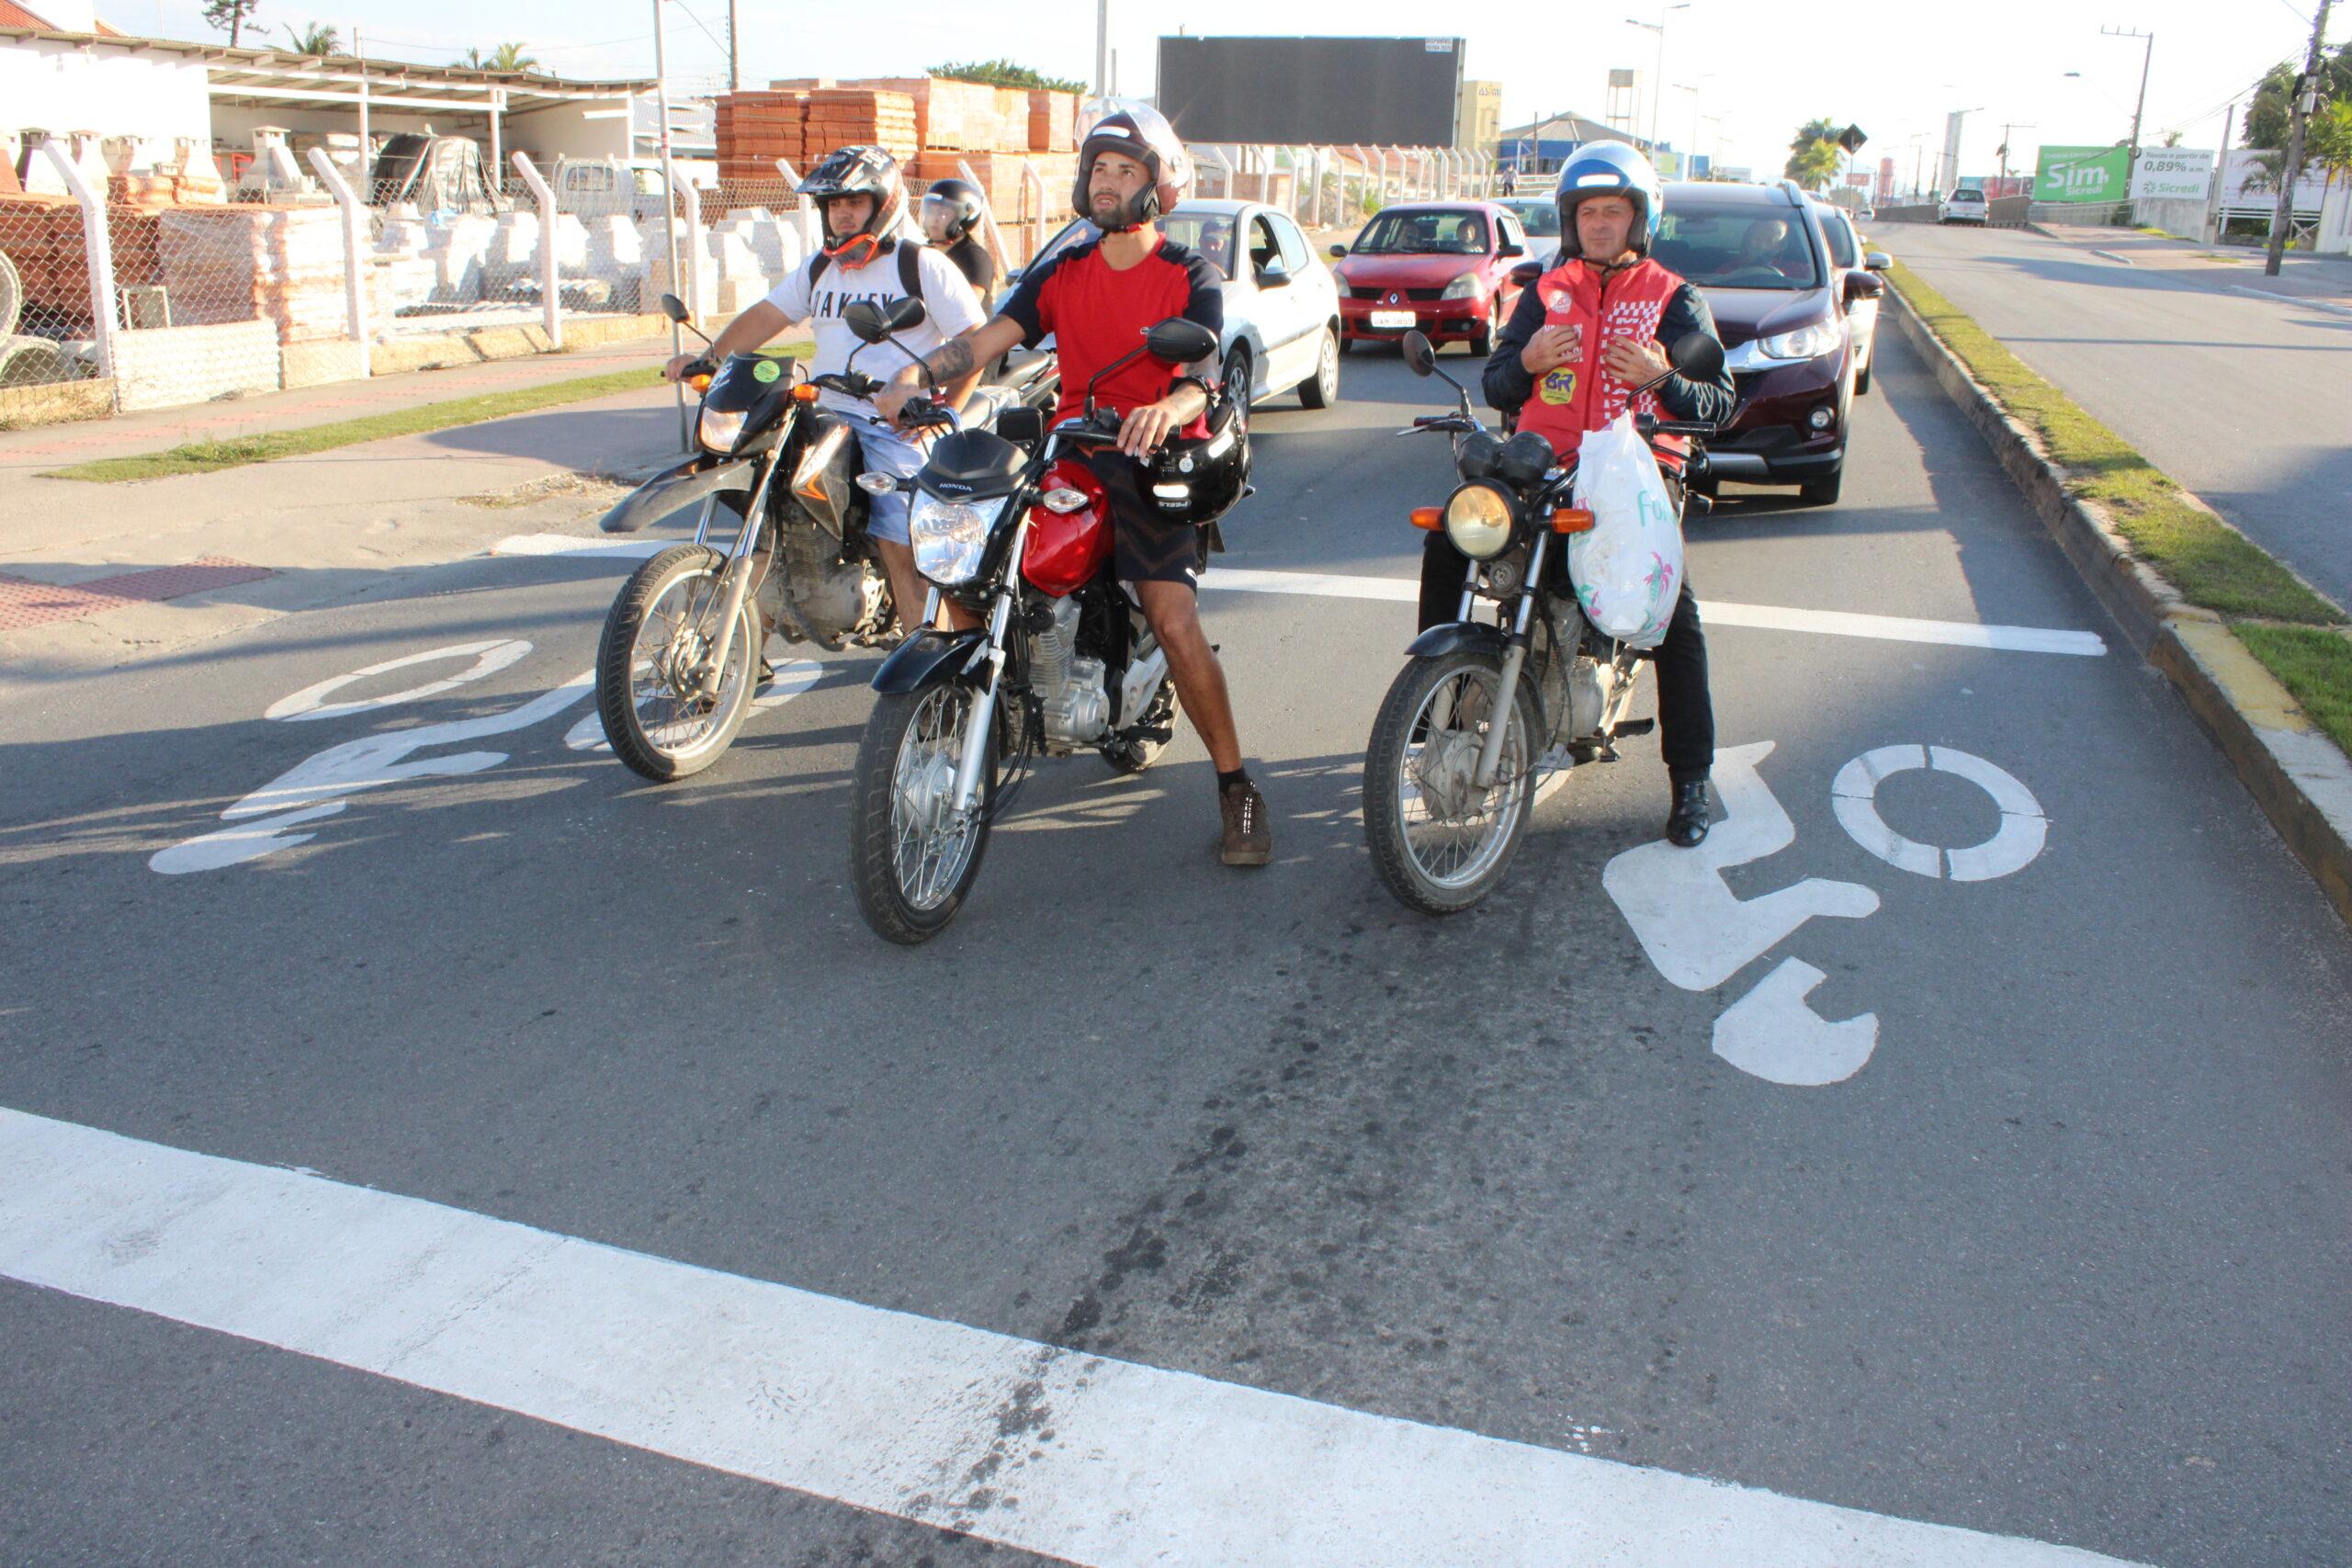 Segurança no Trânsito: Município de Itajaí amplia as áreas exclusivas para motos